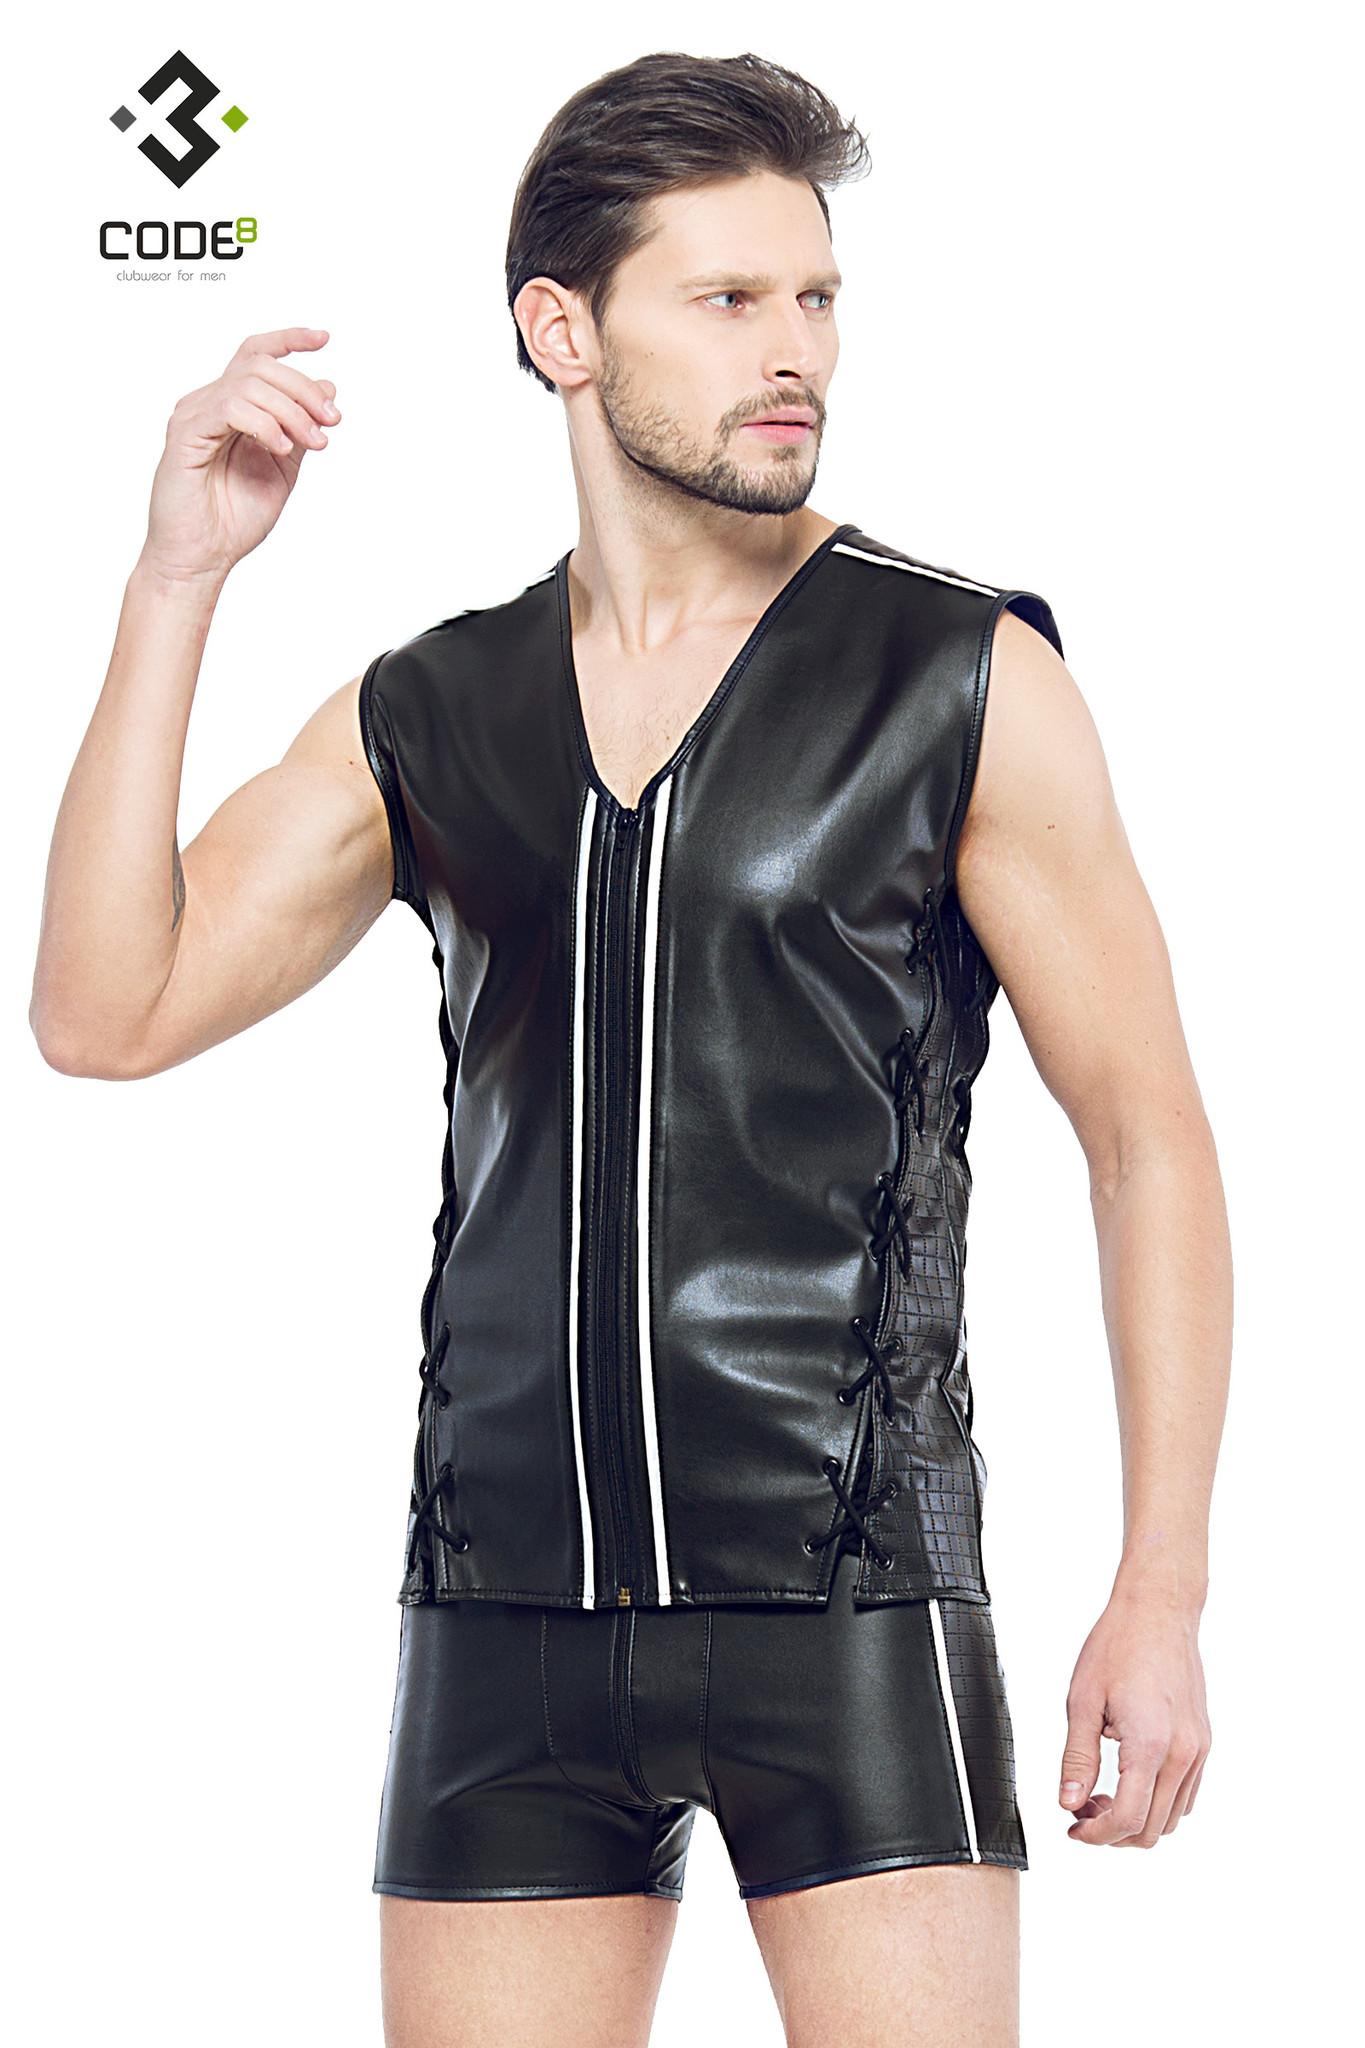 * Code8 by XXX COLLECTION Eco-leder mouwloos shirt met gekleurde biezen